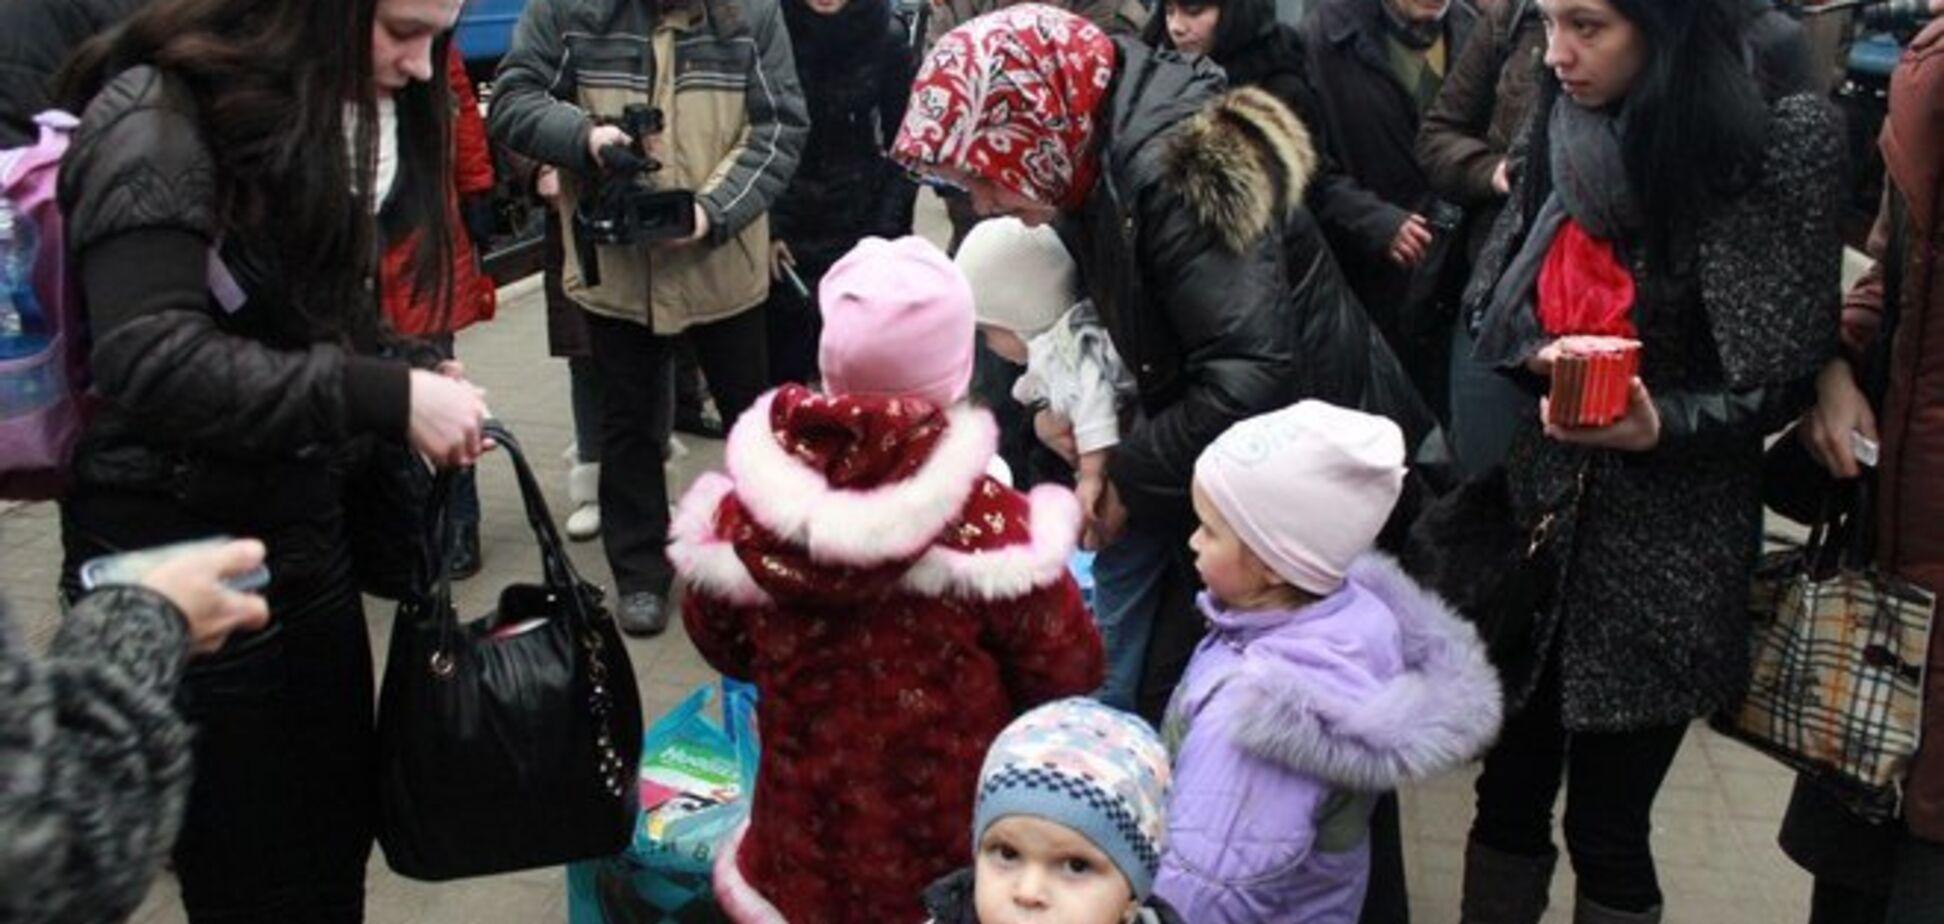 Количество беженцев с востока Украины достигло 10 тыс. человек